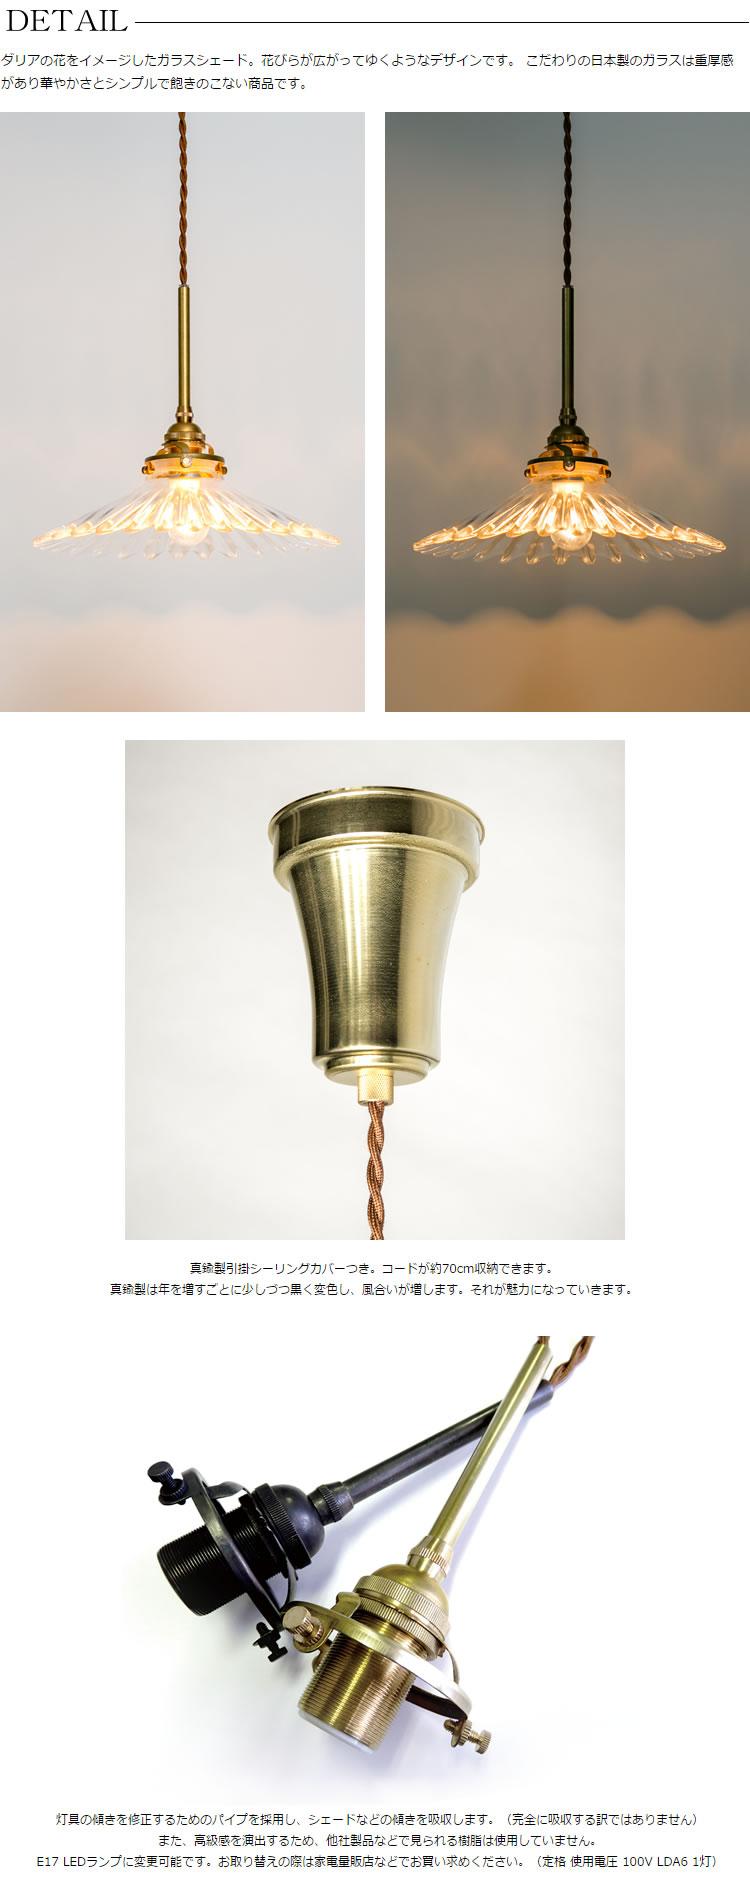 DAHLIA(ガラス・引掛・真鍮)